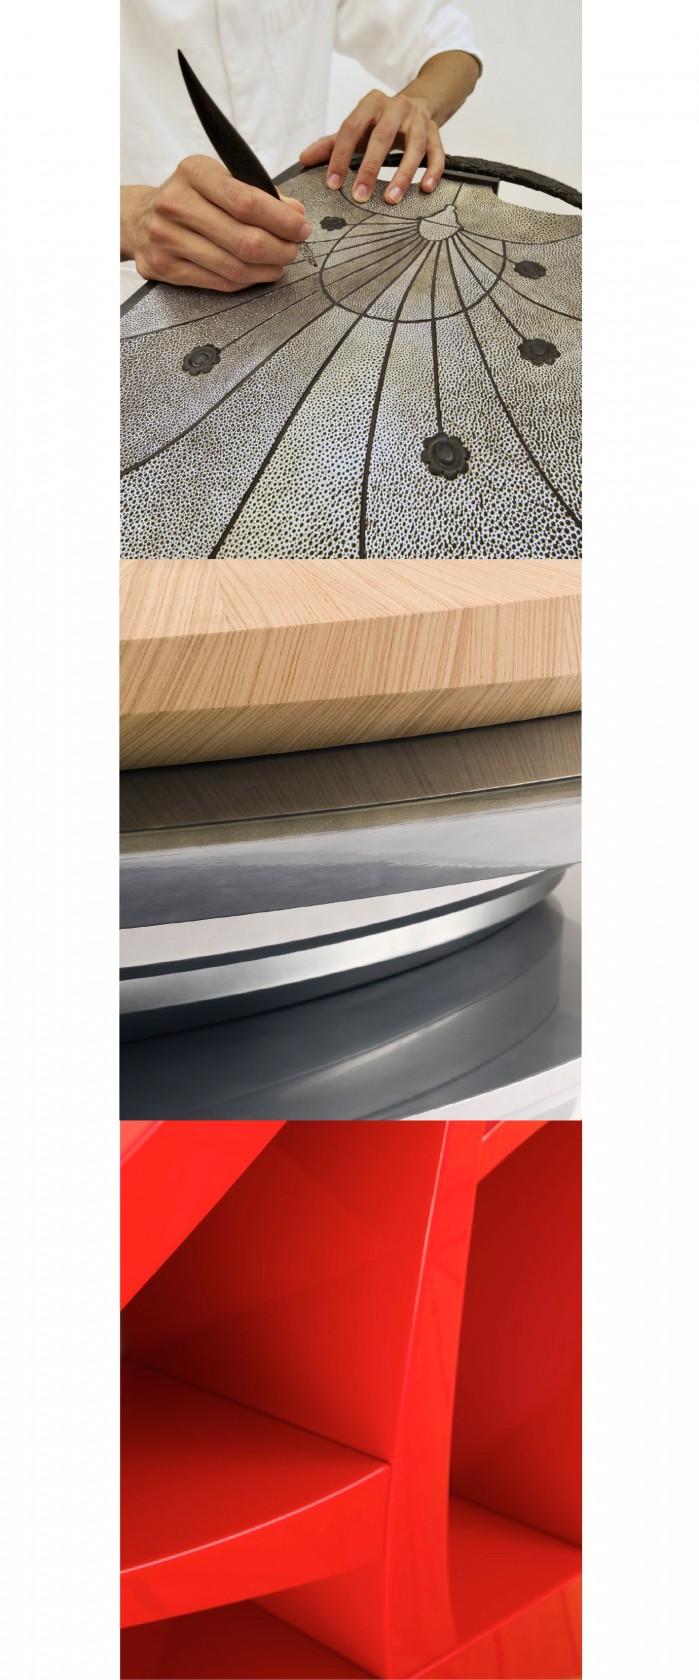 Ludovic AVENEL - Ebéniste Paris - Fabrication de meubles sur mesure - Ludovic_Avenel_les_ateliers_matières_créateur_design_sur mesure_1